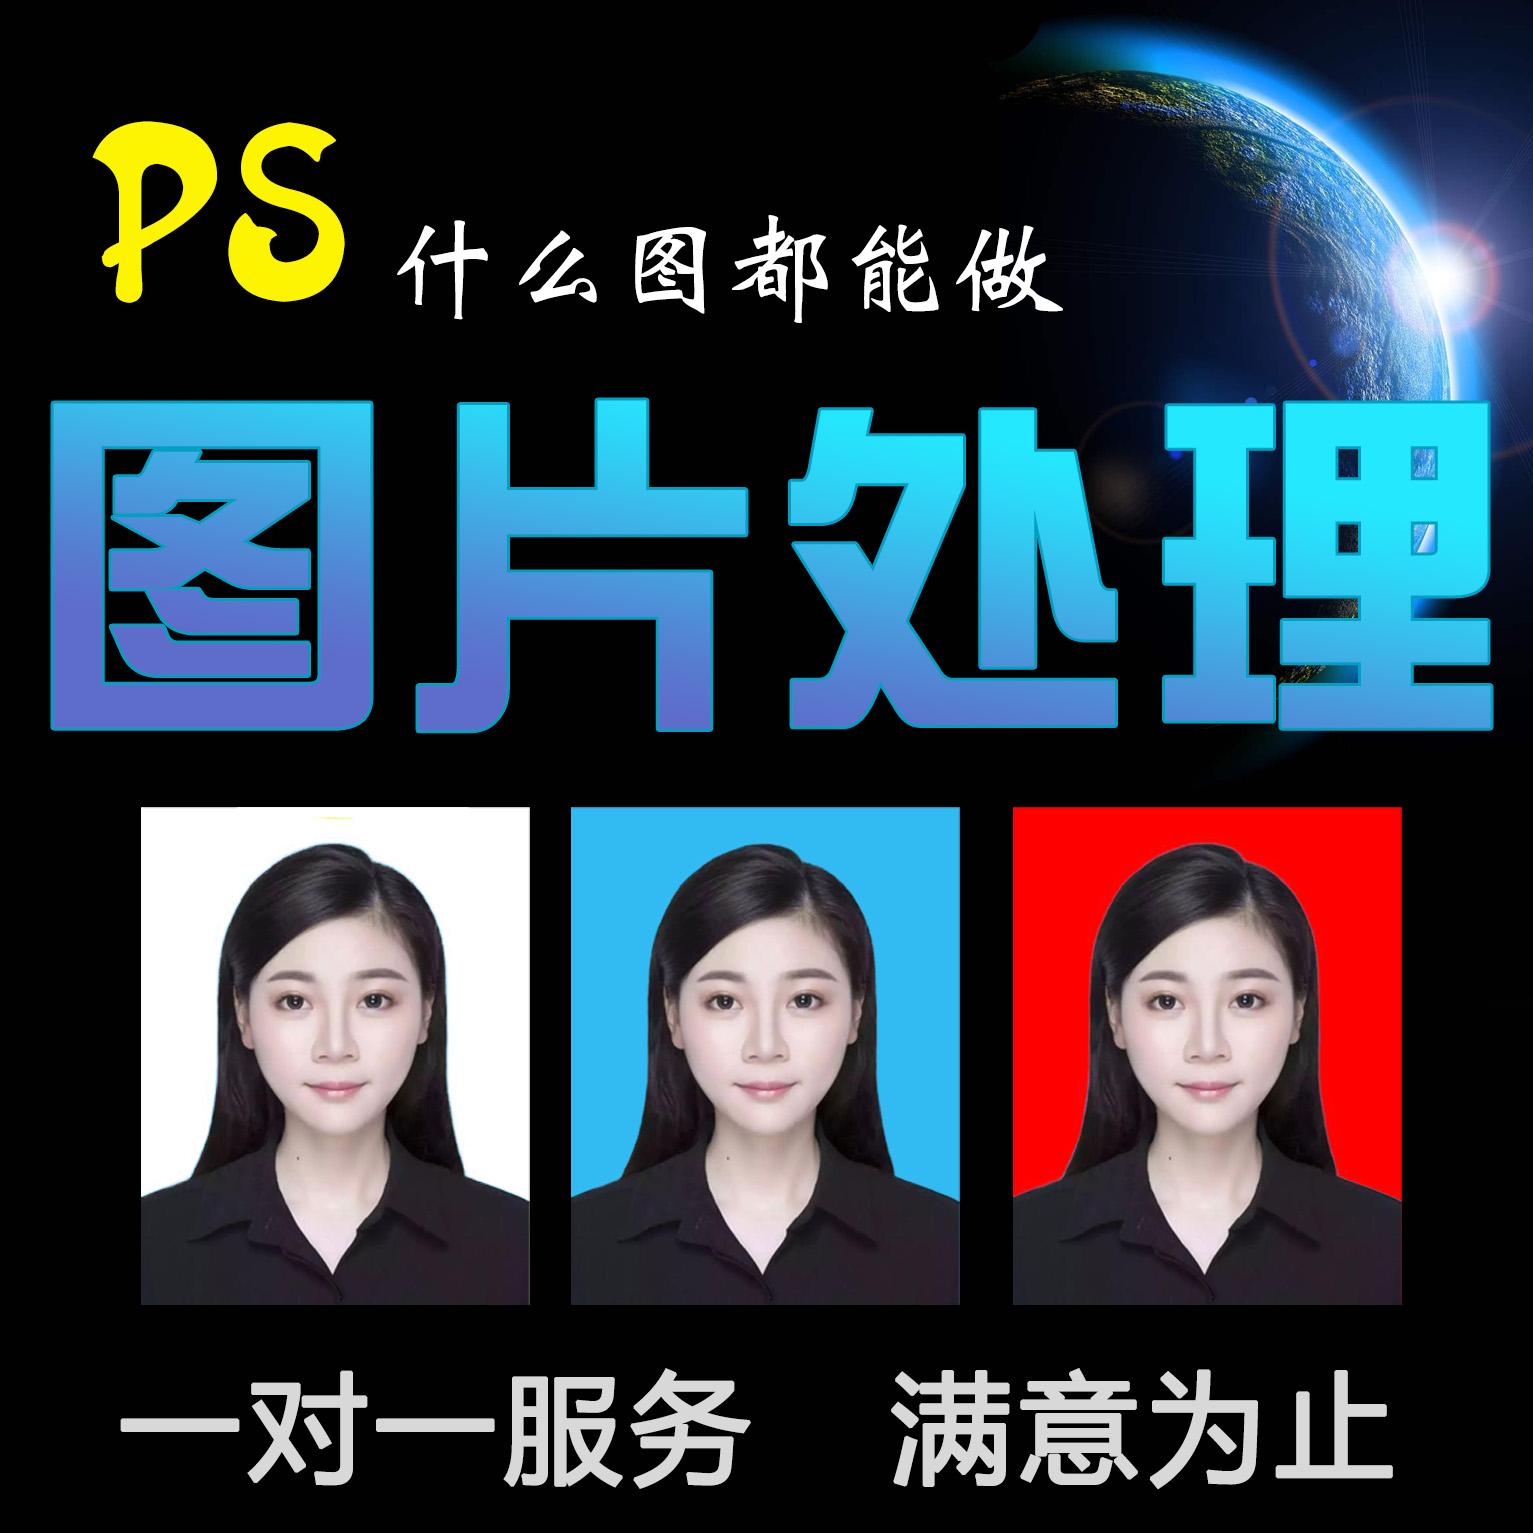 图片处理PS改图批图照片合成抠图专业无痕PDF文件修改文字证件照